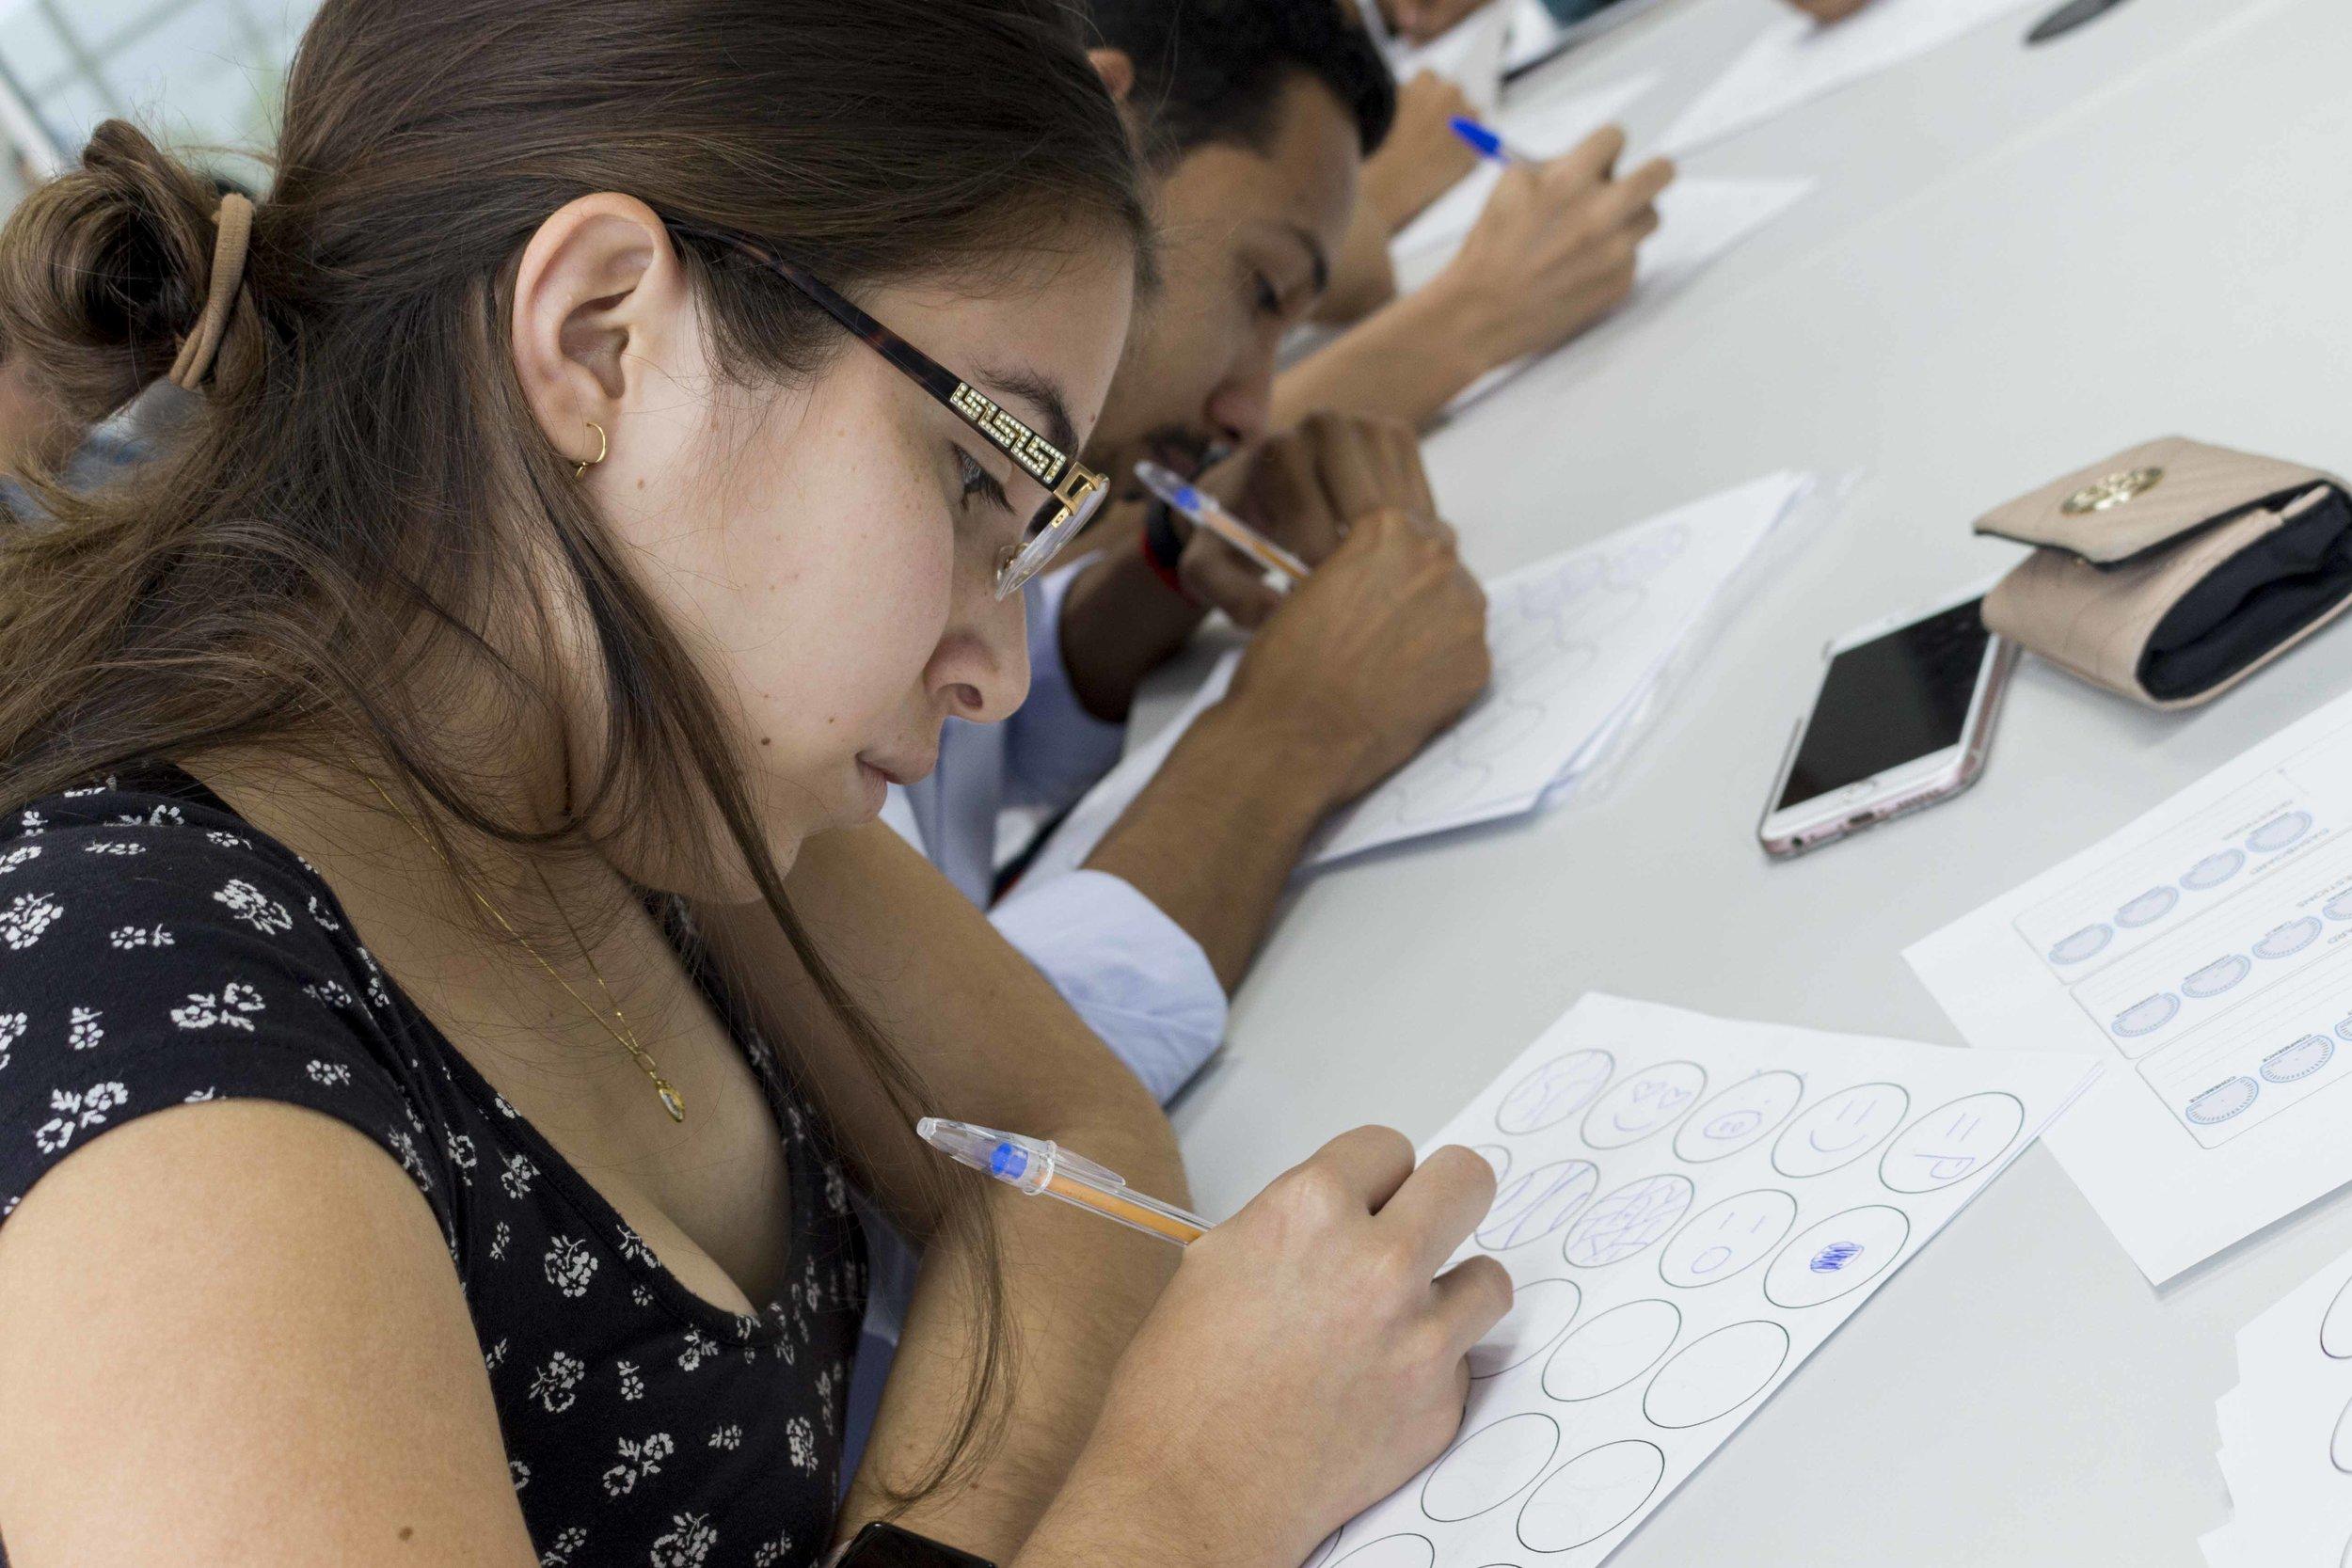 Conexión Academia-Sector Productivo - Este enlace les permitirá aplicar y desarrollar competencias usando tecnologías y conocimientos académicos que aporten a la productividad y competitividad de los retos empresariales de diferentes sectores.